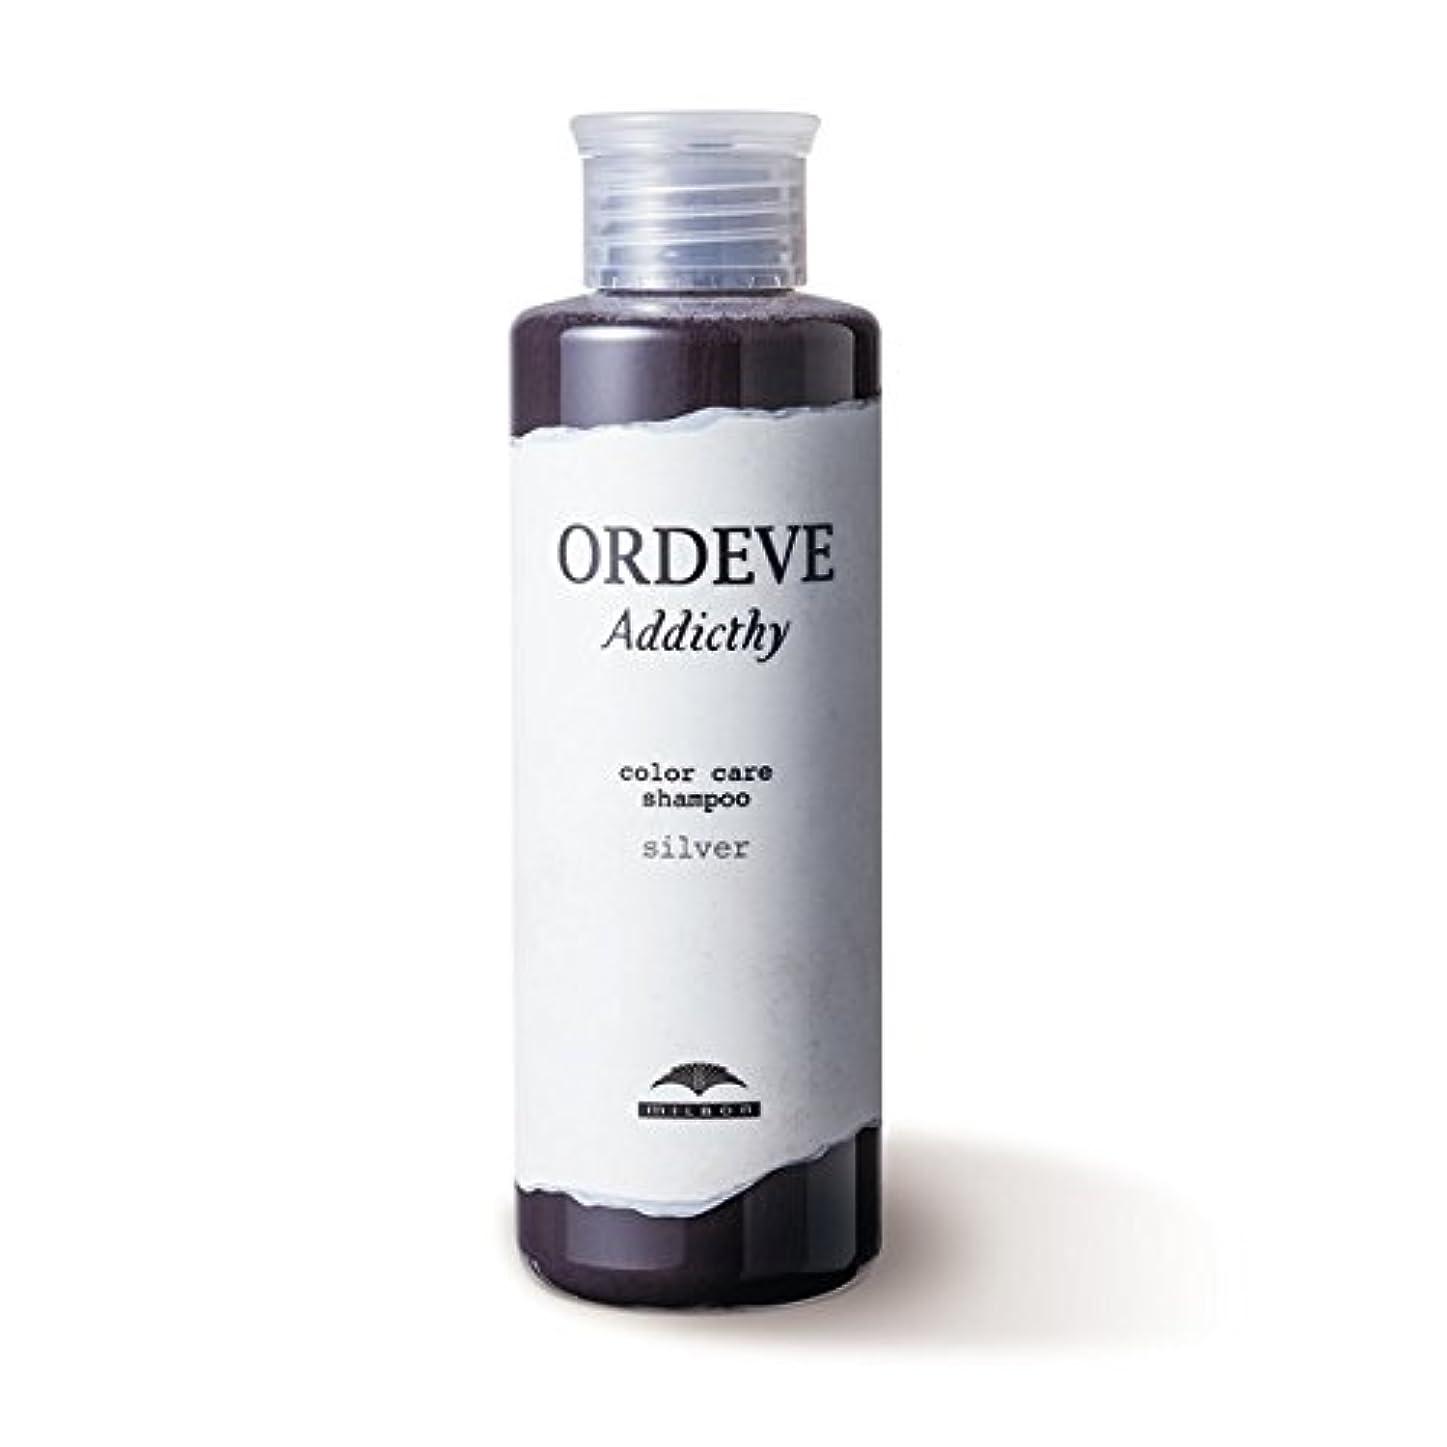 装置ベーカリー位置するミルボン オルディーブ アディクシー カラーケア シャンプー シルバー 180ml【ORDEVE Addicthy】